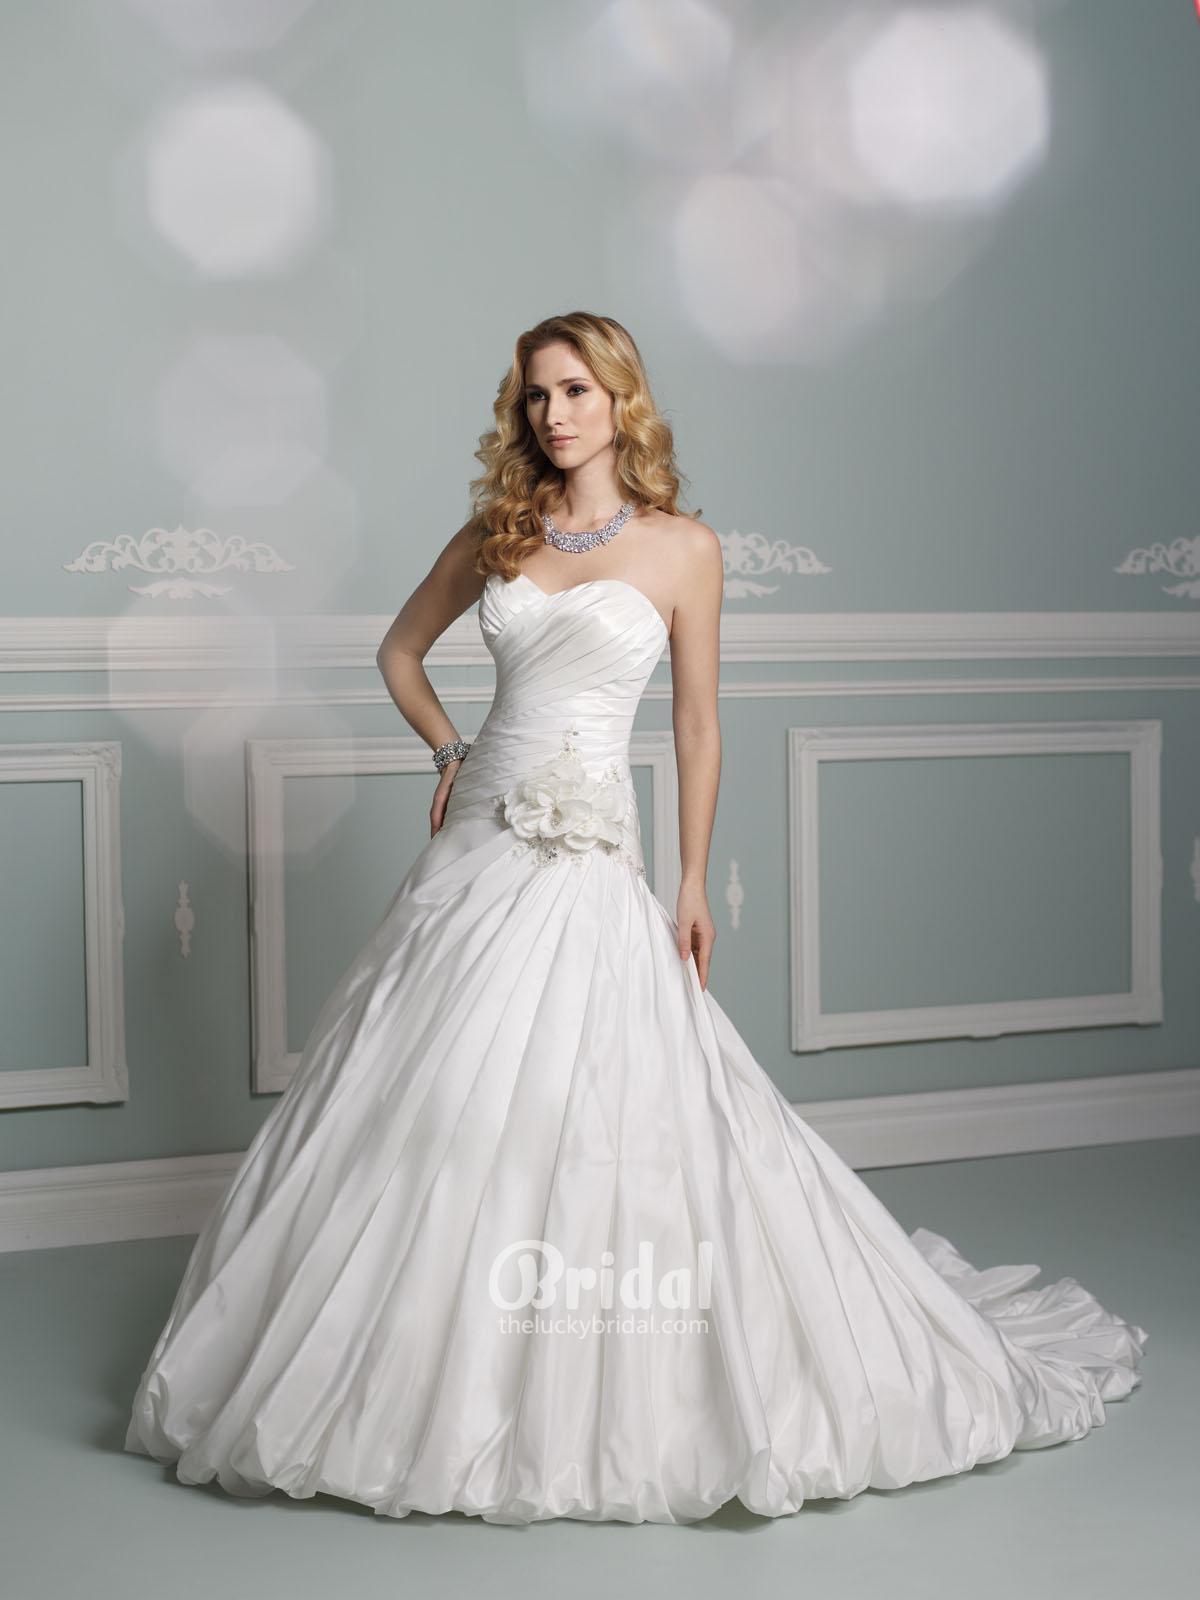 Svadobné šaty, čo sa mi páčia :) - Obrázok č. 35